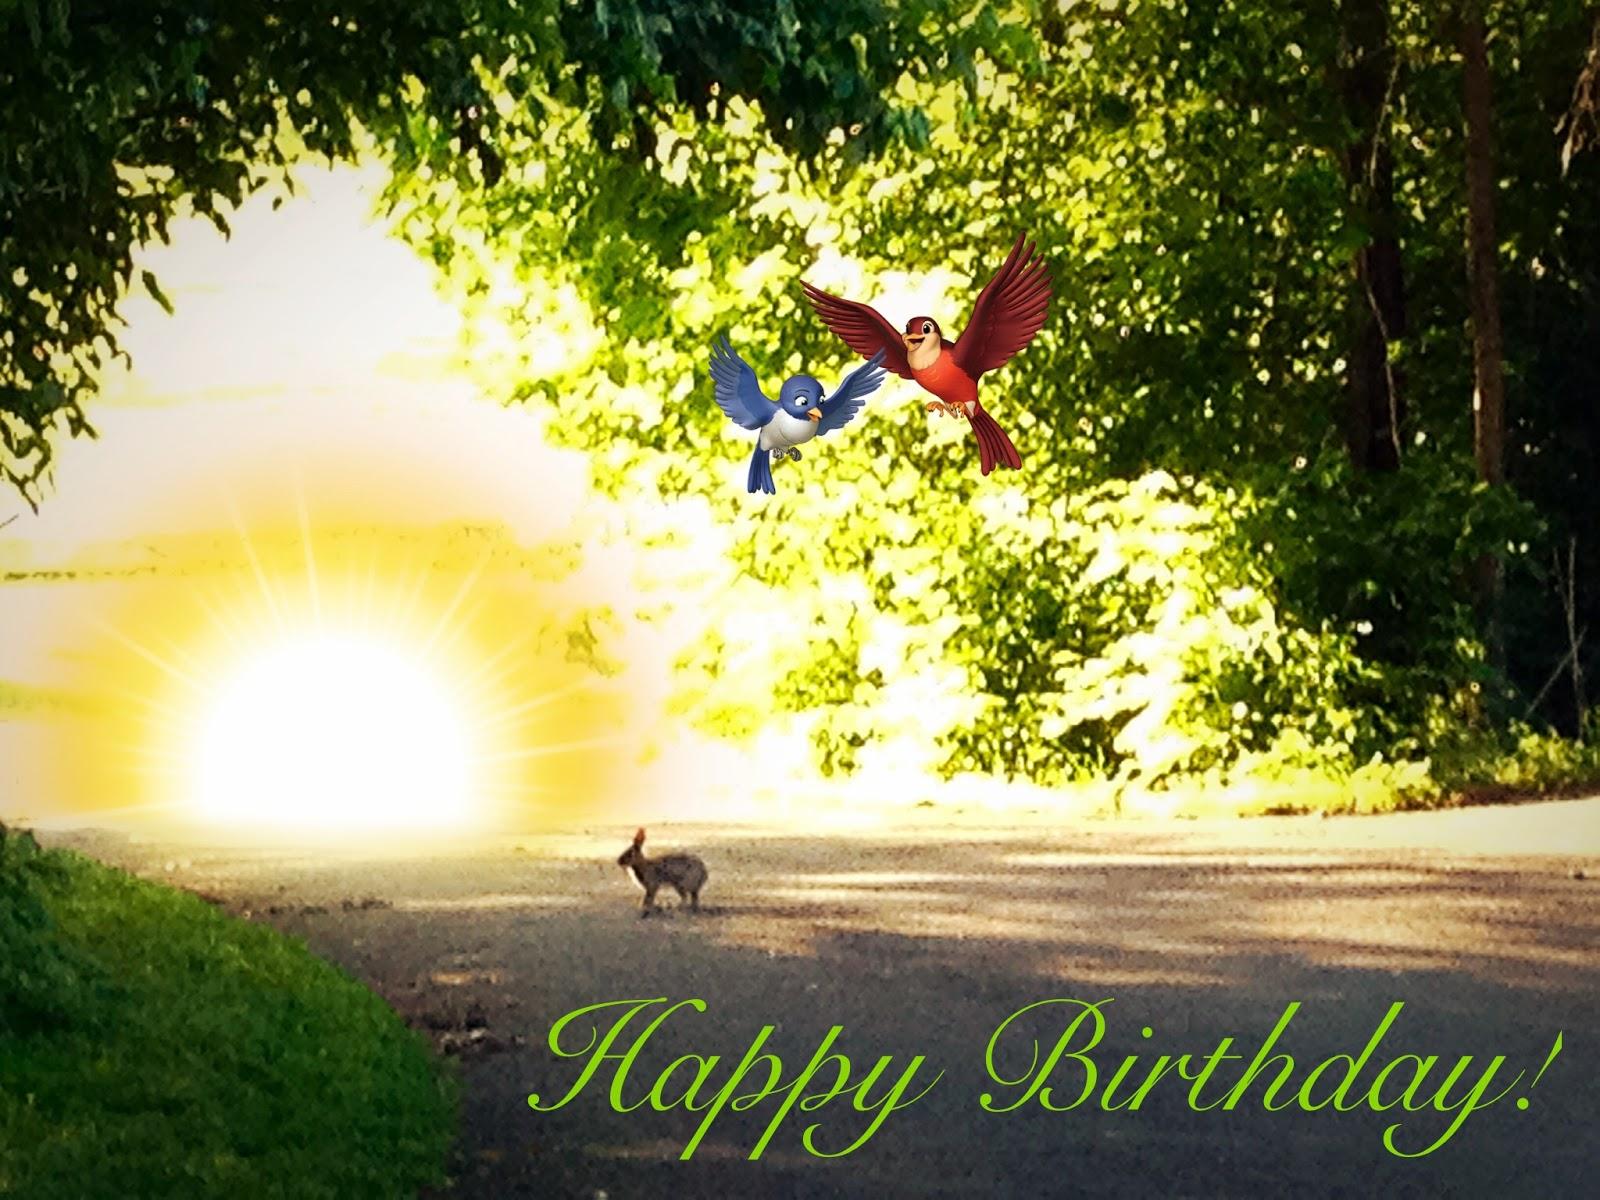 Happy Birthday card. #bunny #rabbit #sunshine #woodland animals #Aviary